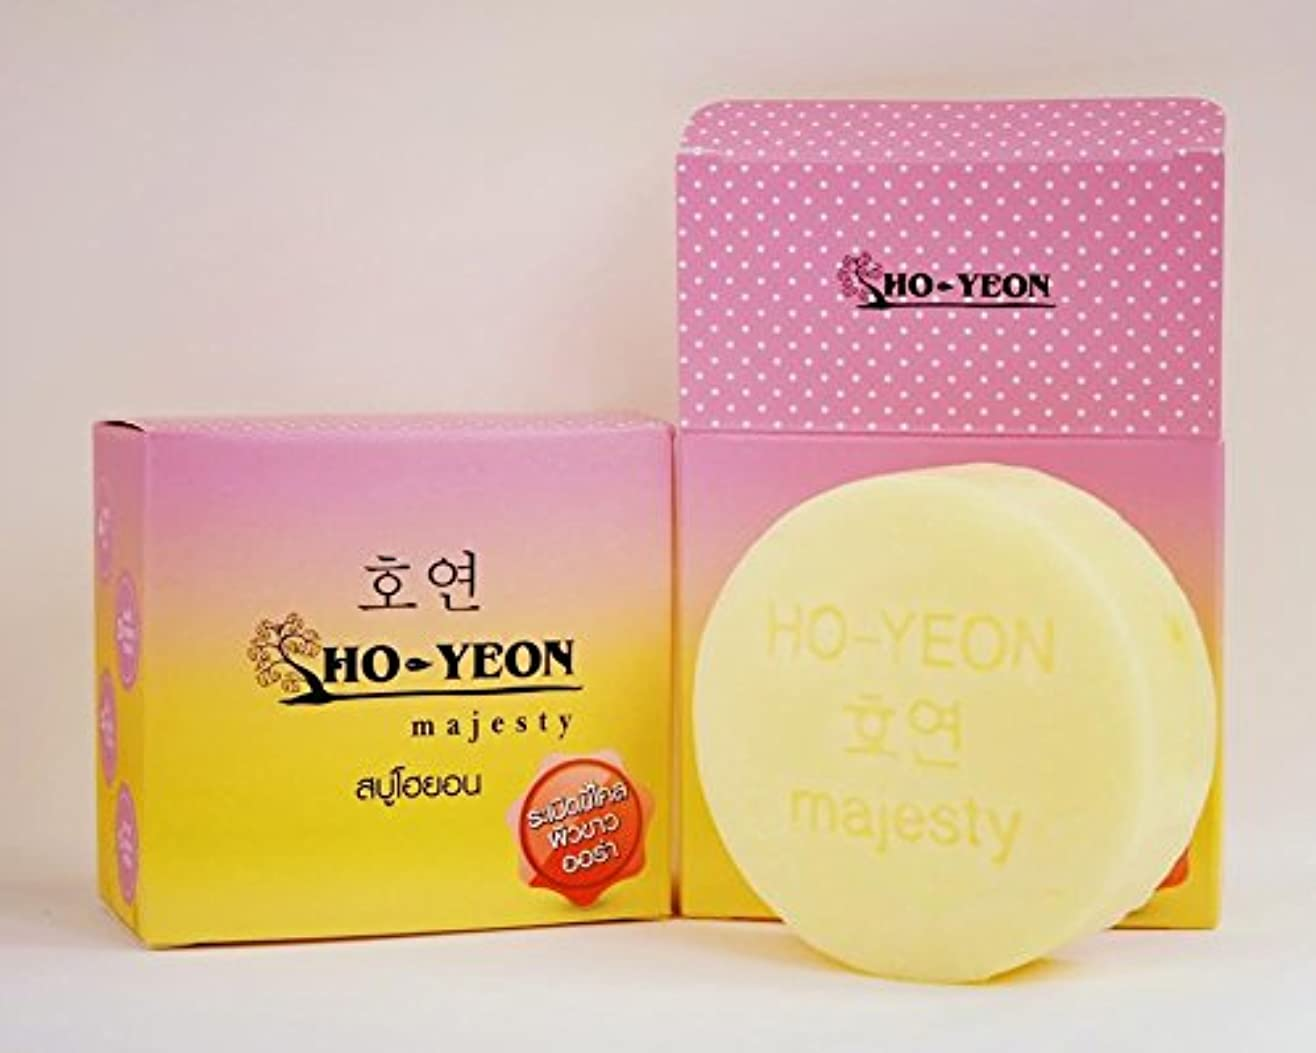 より良い仮定する砂利1 X Natural Herbal Whitening Soap. Soap Yeon Ho-yeon the HO (80 grams) Free shipping